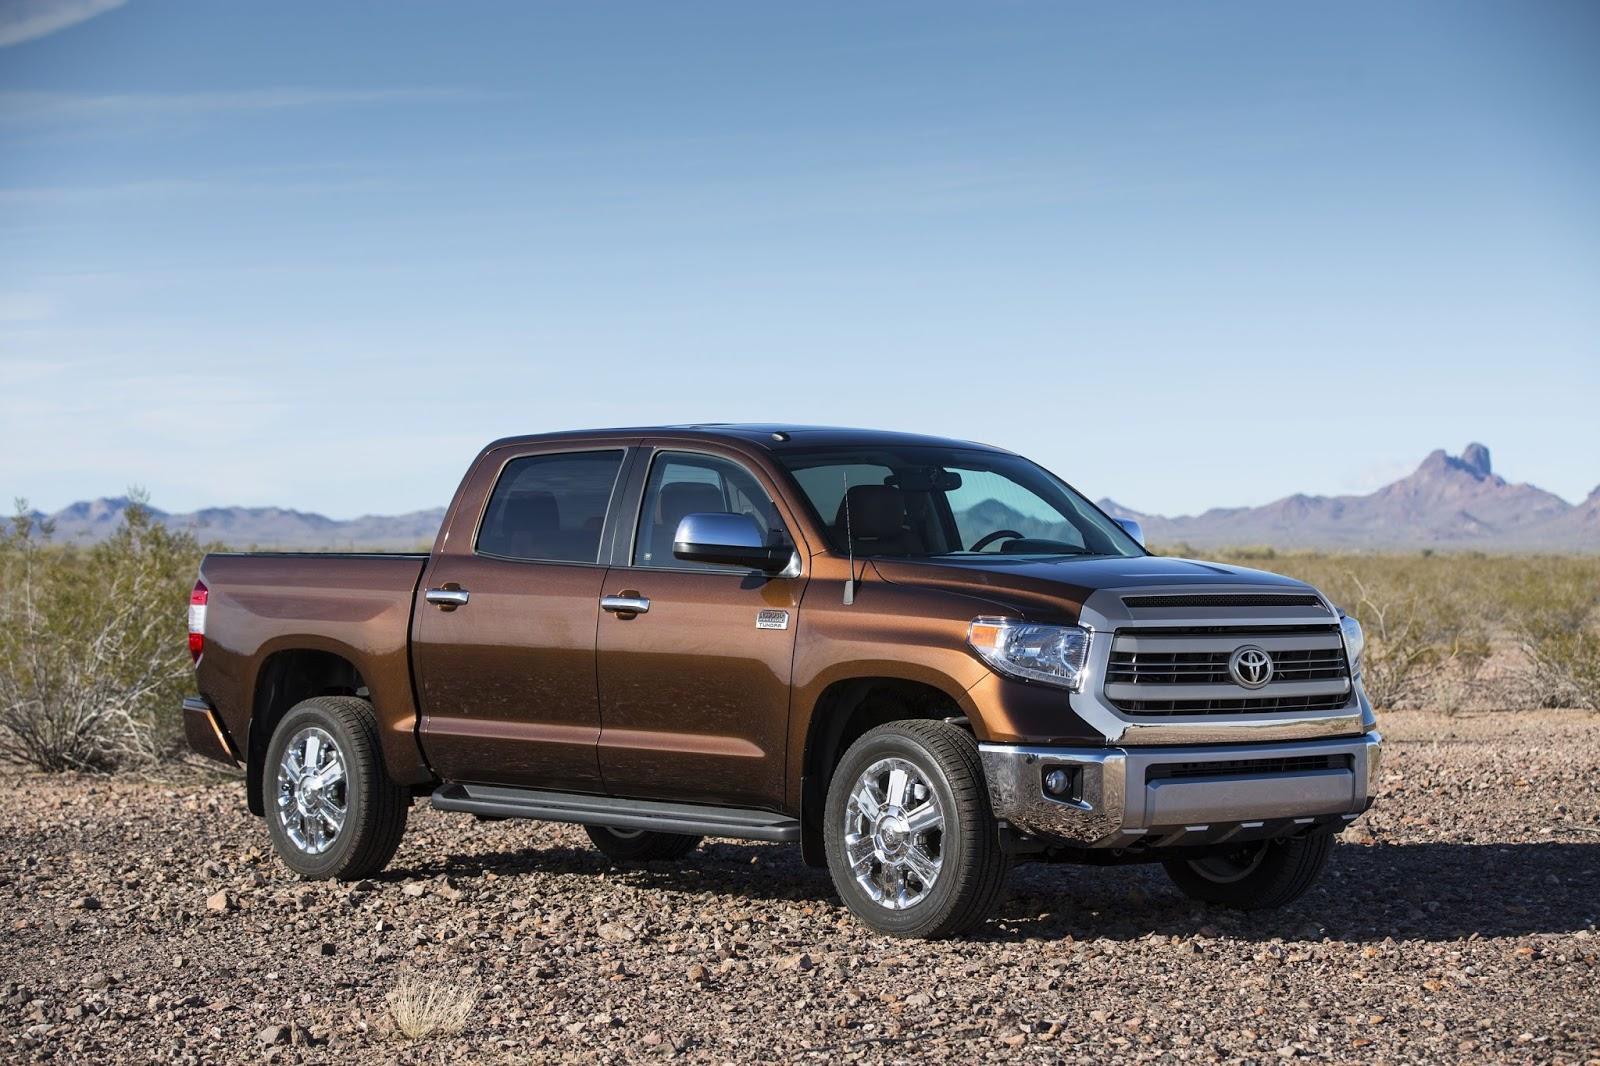 Toyota и Hyundai отзывают 110 тысяч автомобилей из-за дефектов